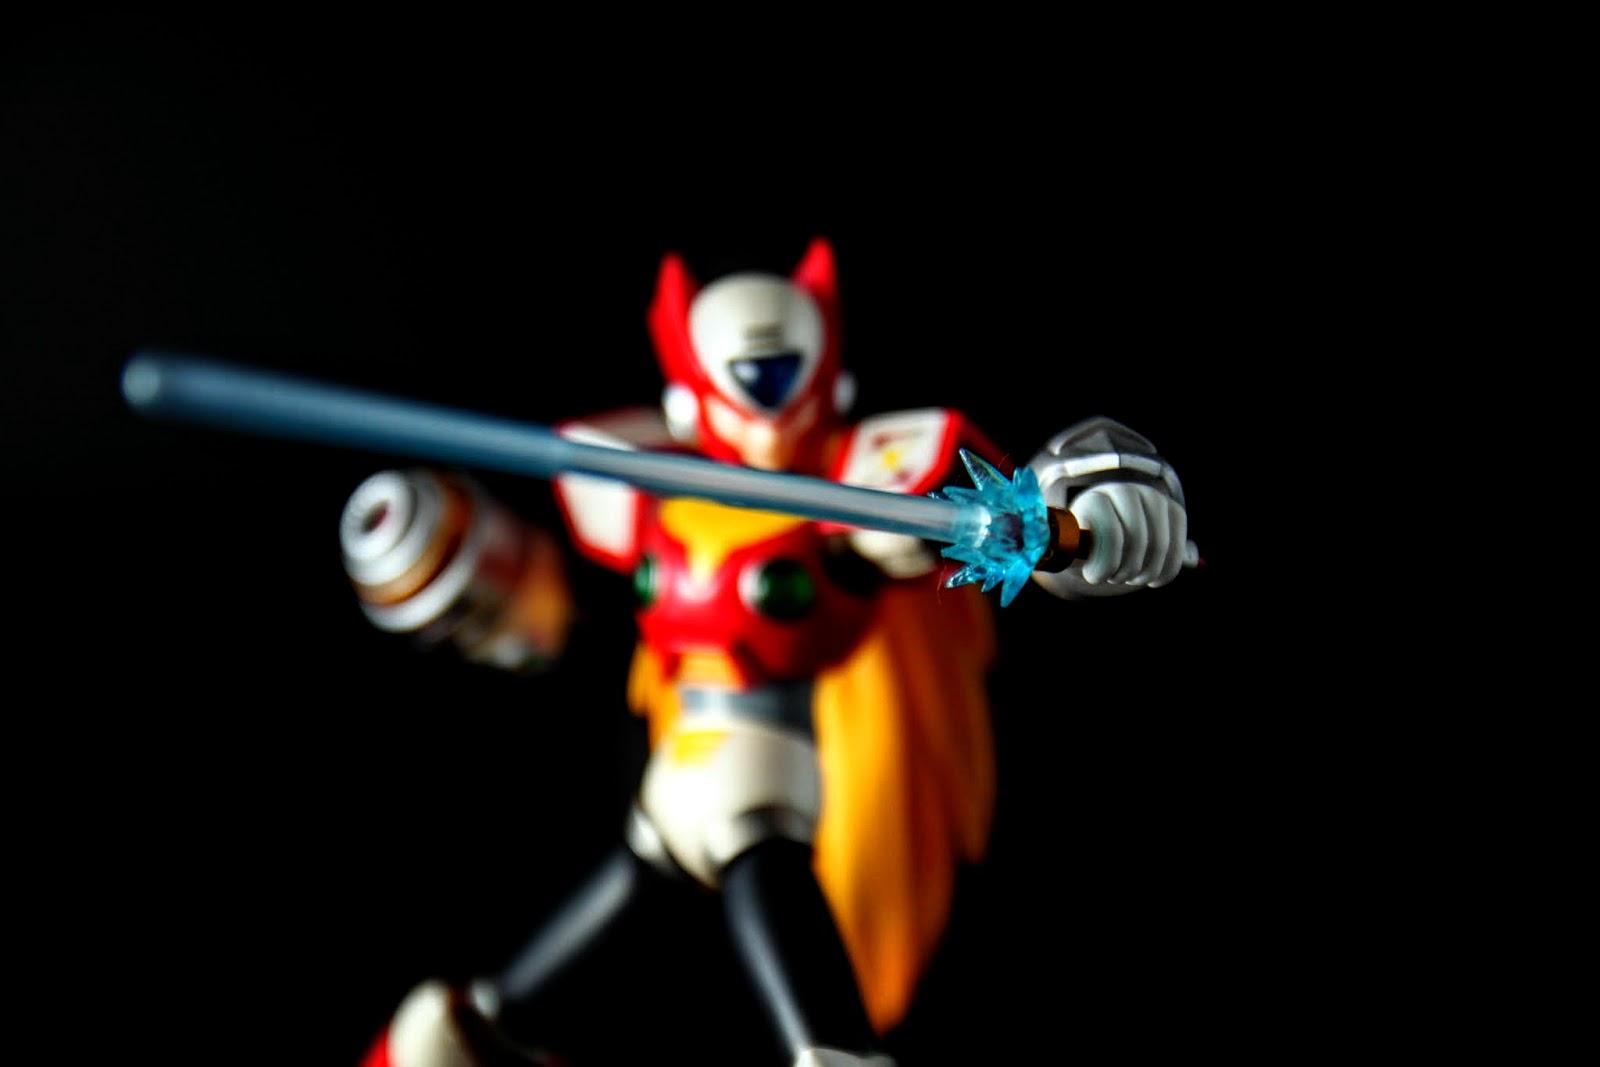 這個版本的光束刀應該是X5之後的造型, 基本上是根光束棒